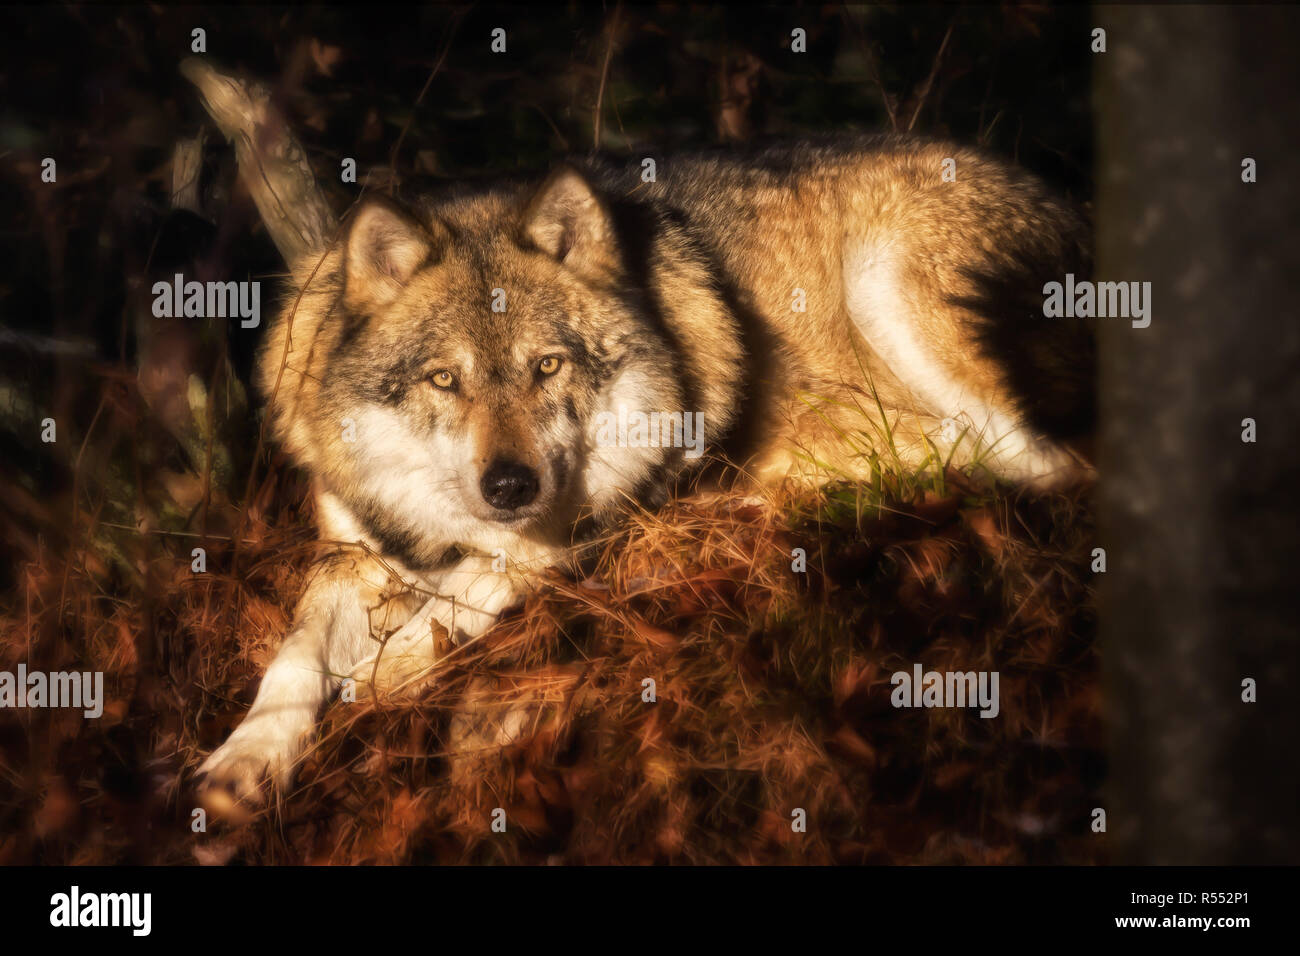 Loup couchée sur le feuillage à la recherche de l'appareil photo Photo Stock